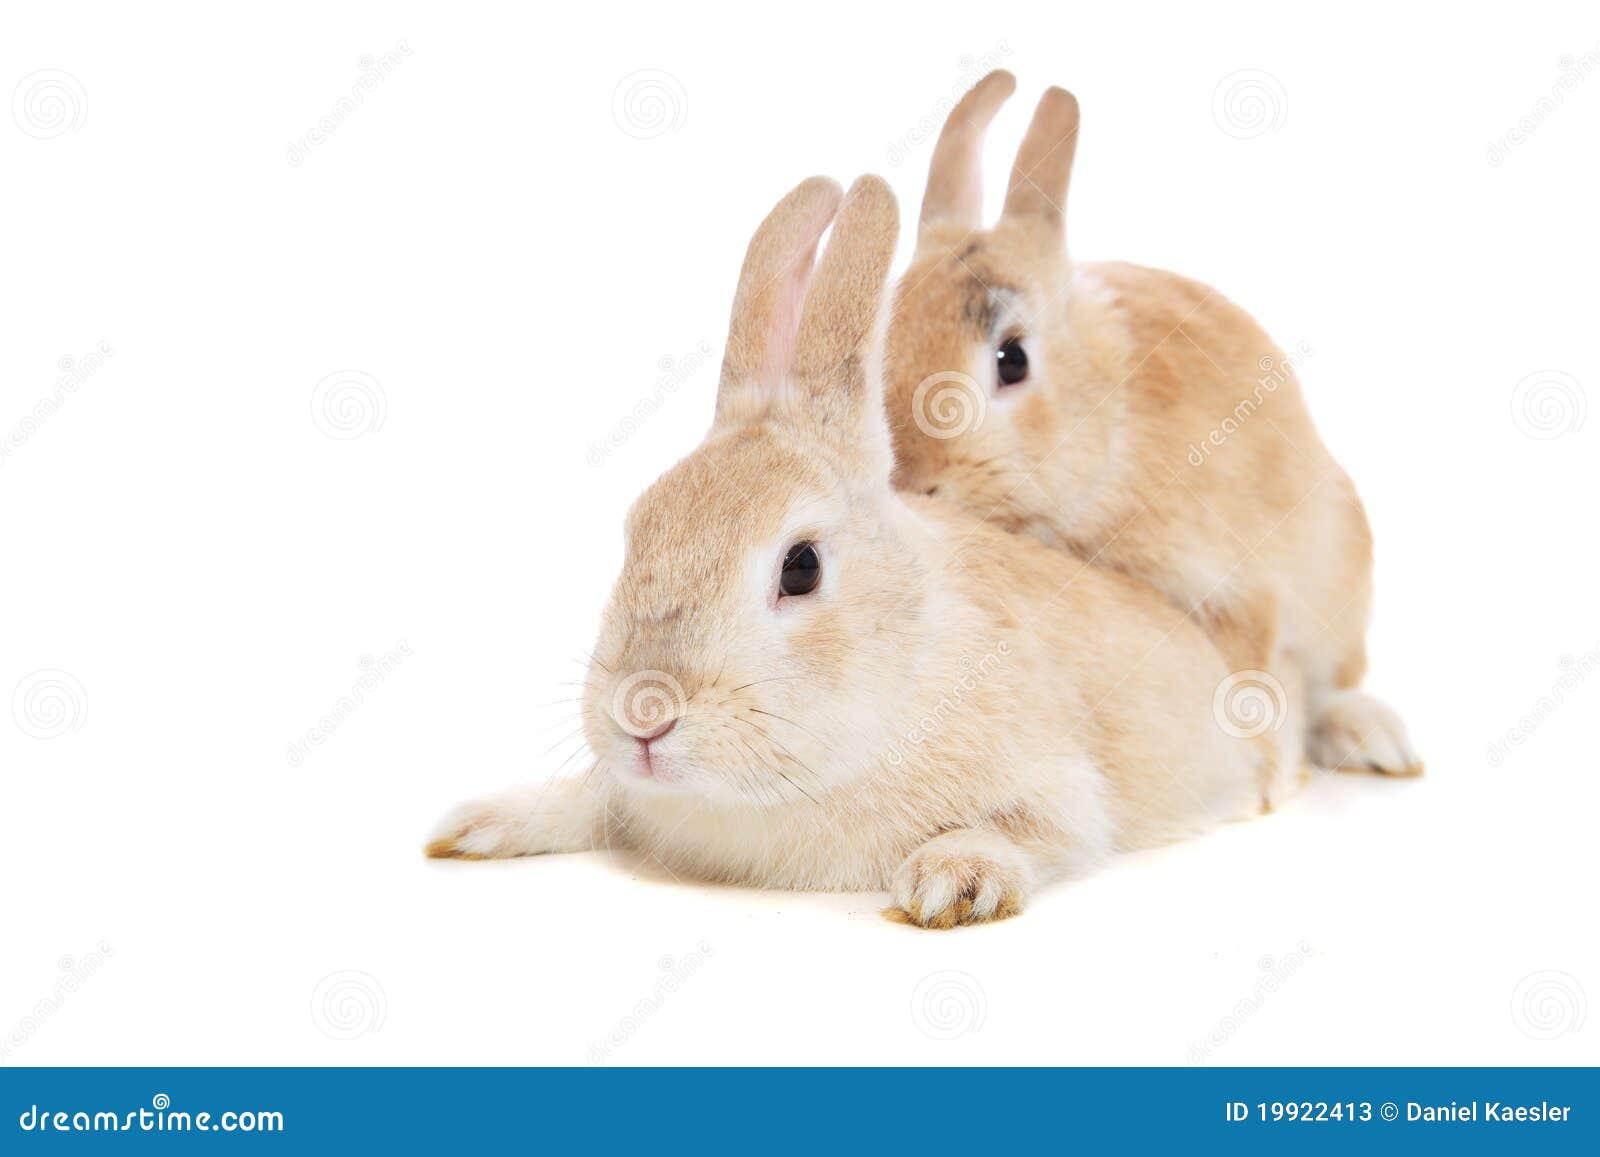 Джейсом пенис кролика закончил исповедь